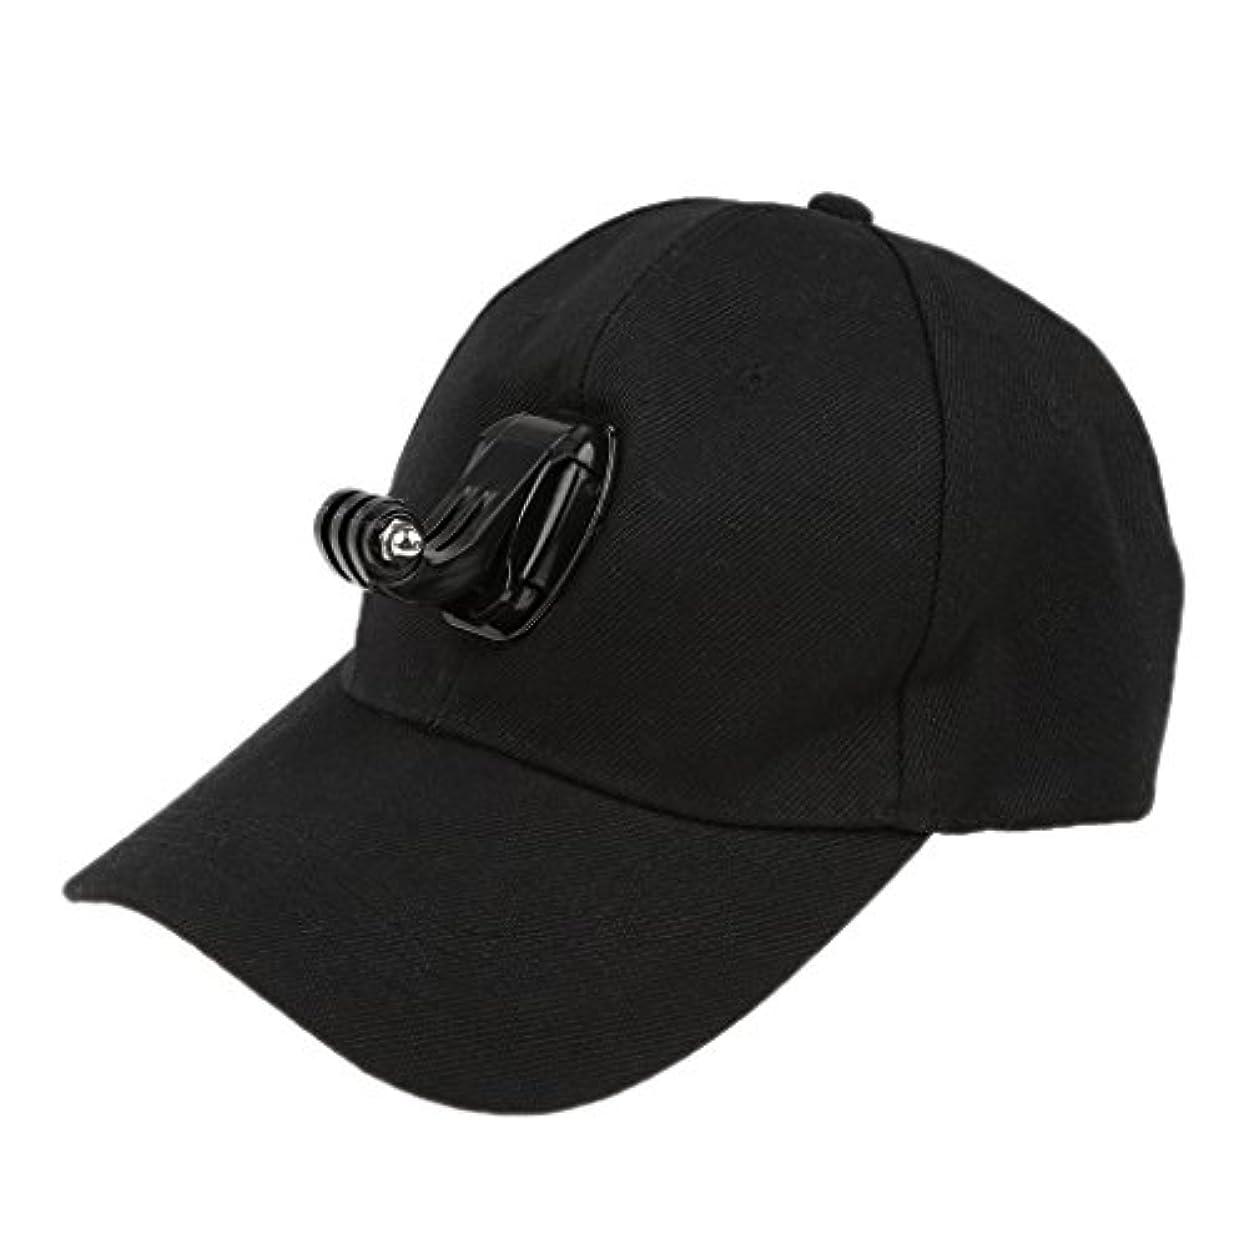 持ってる意味マスクBaoblaze Gopro Hero 3 3+ 4用 野球帽 カメラ マウント ホルダー付き 調整可能  多機能 実用的